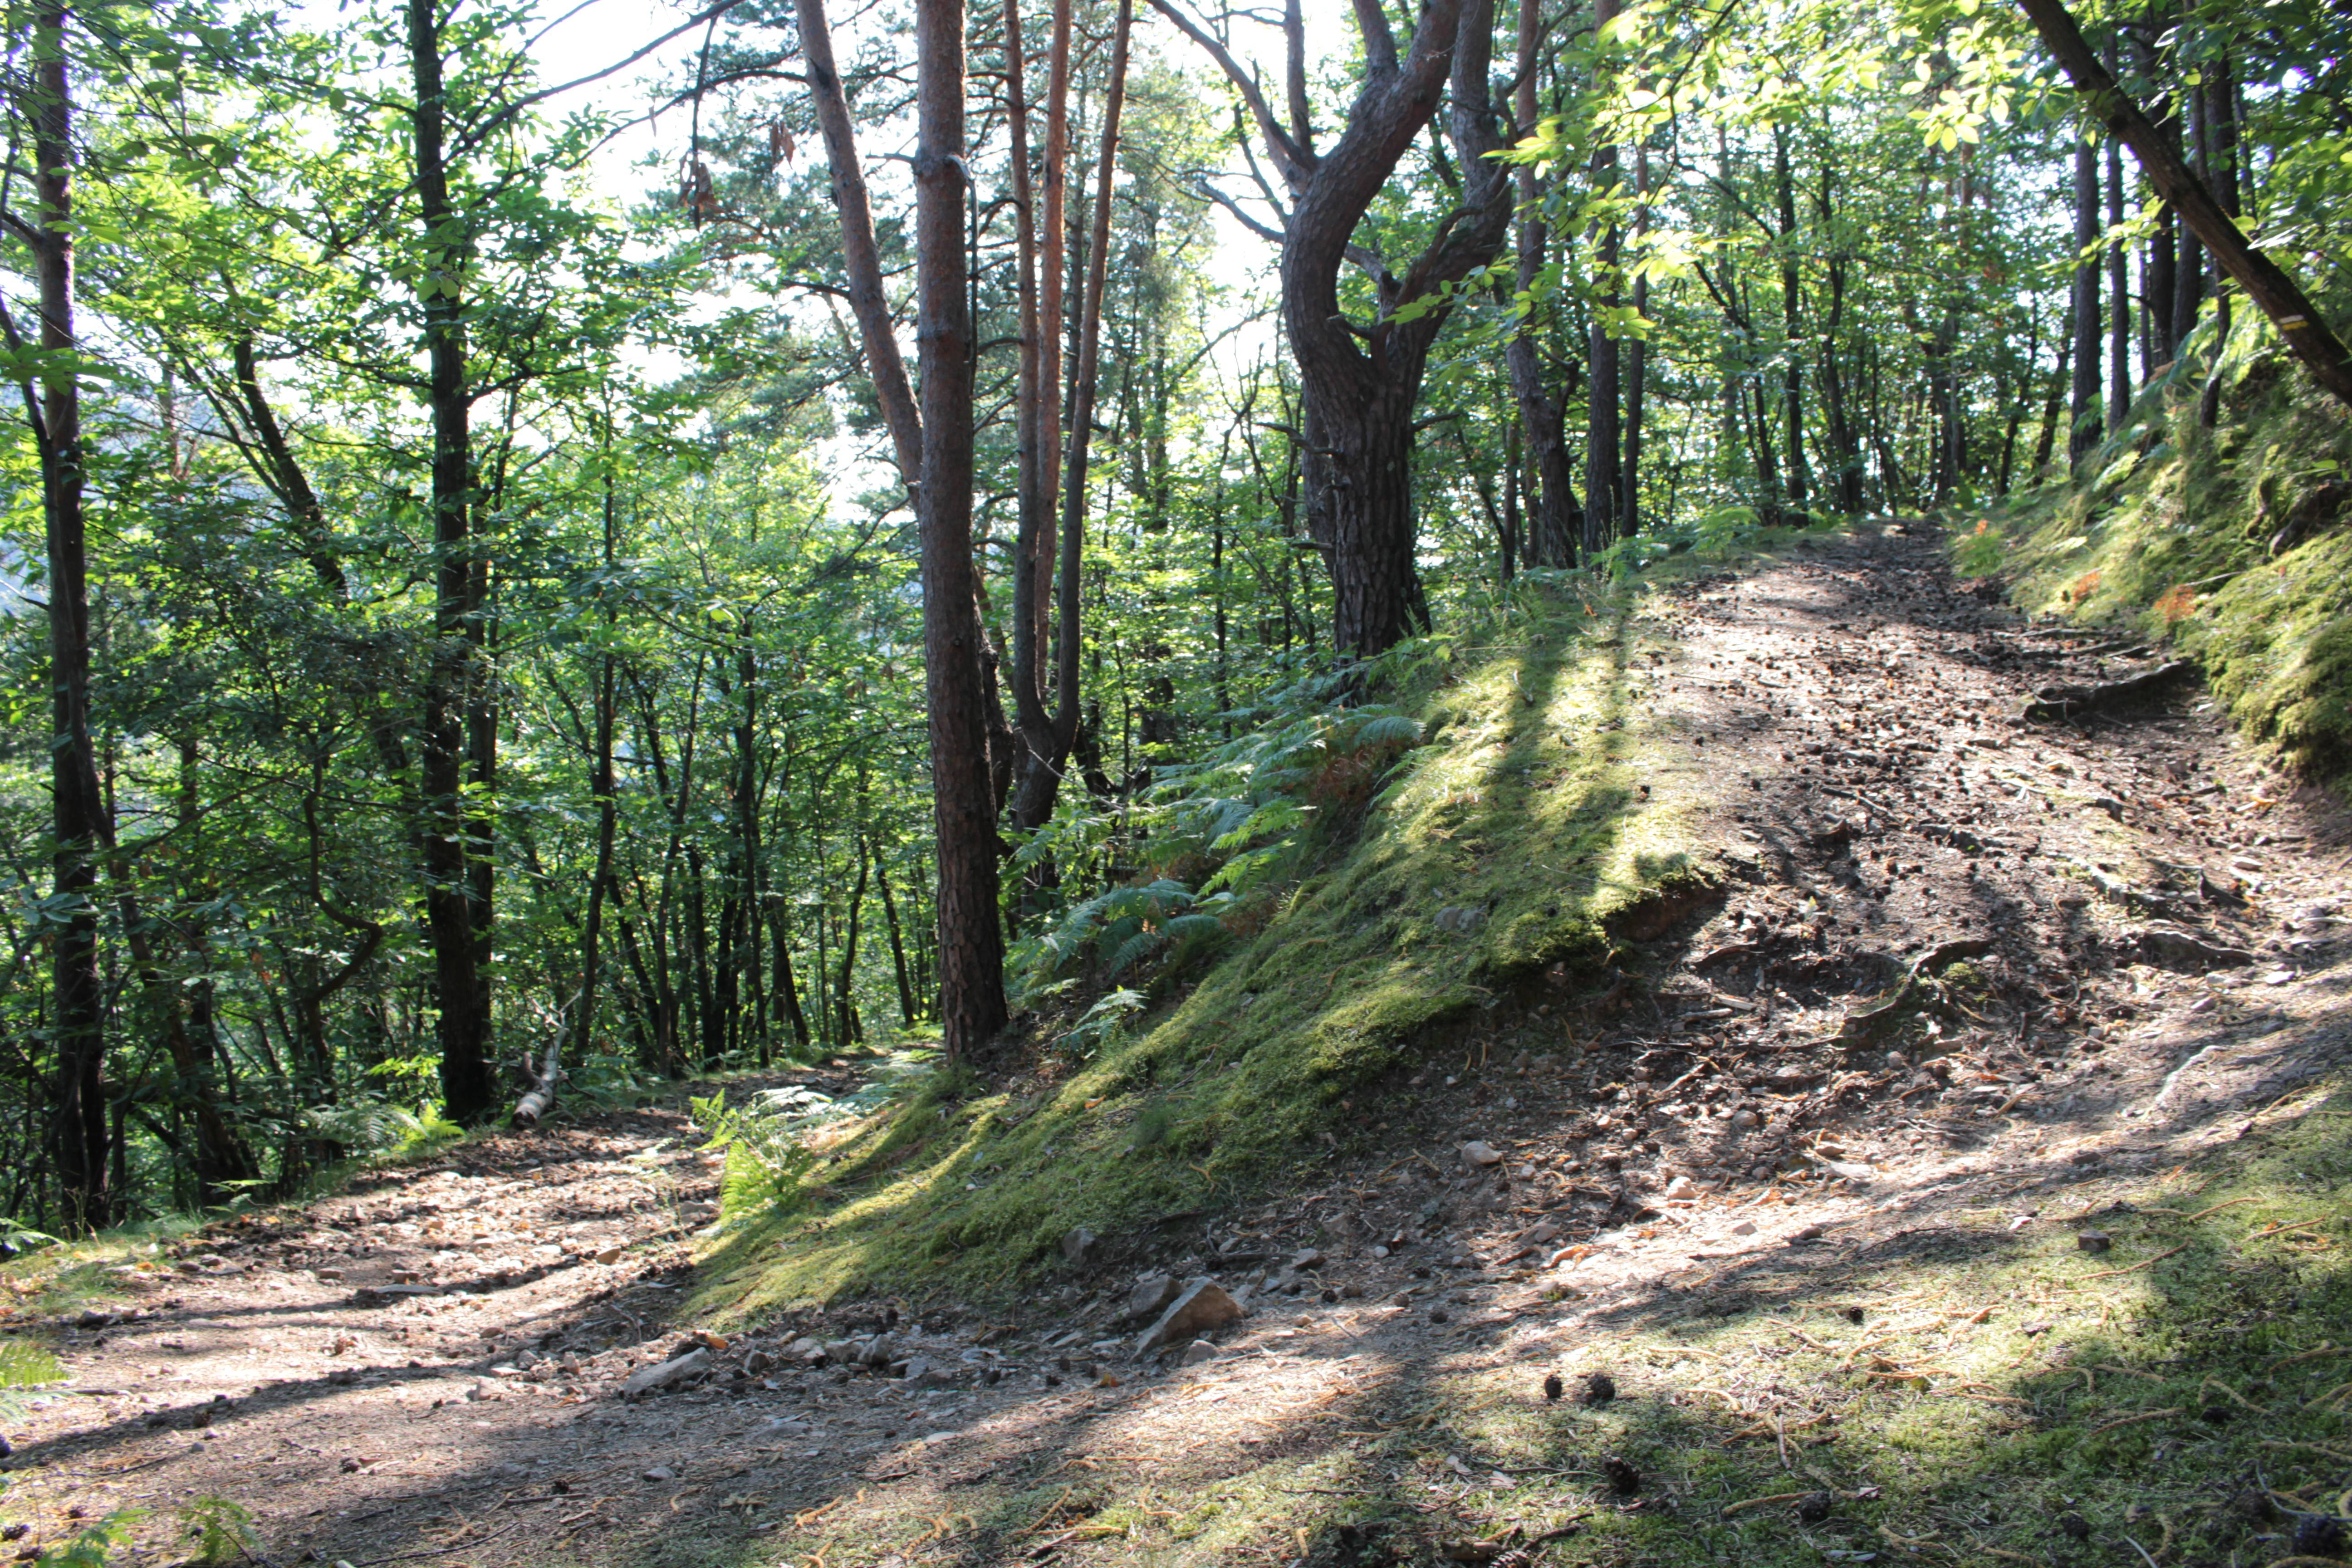 Sentier de randonnée Gorges de la Daronne